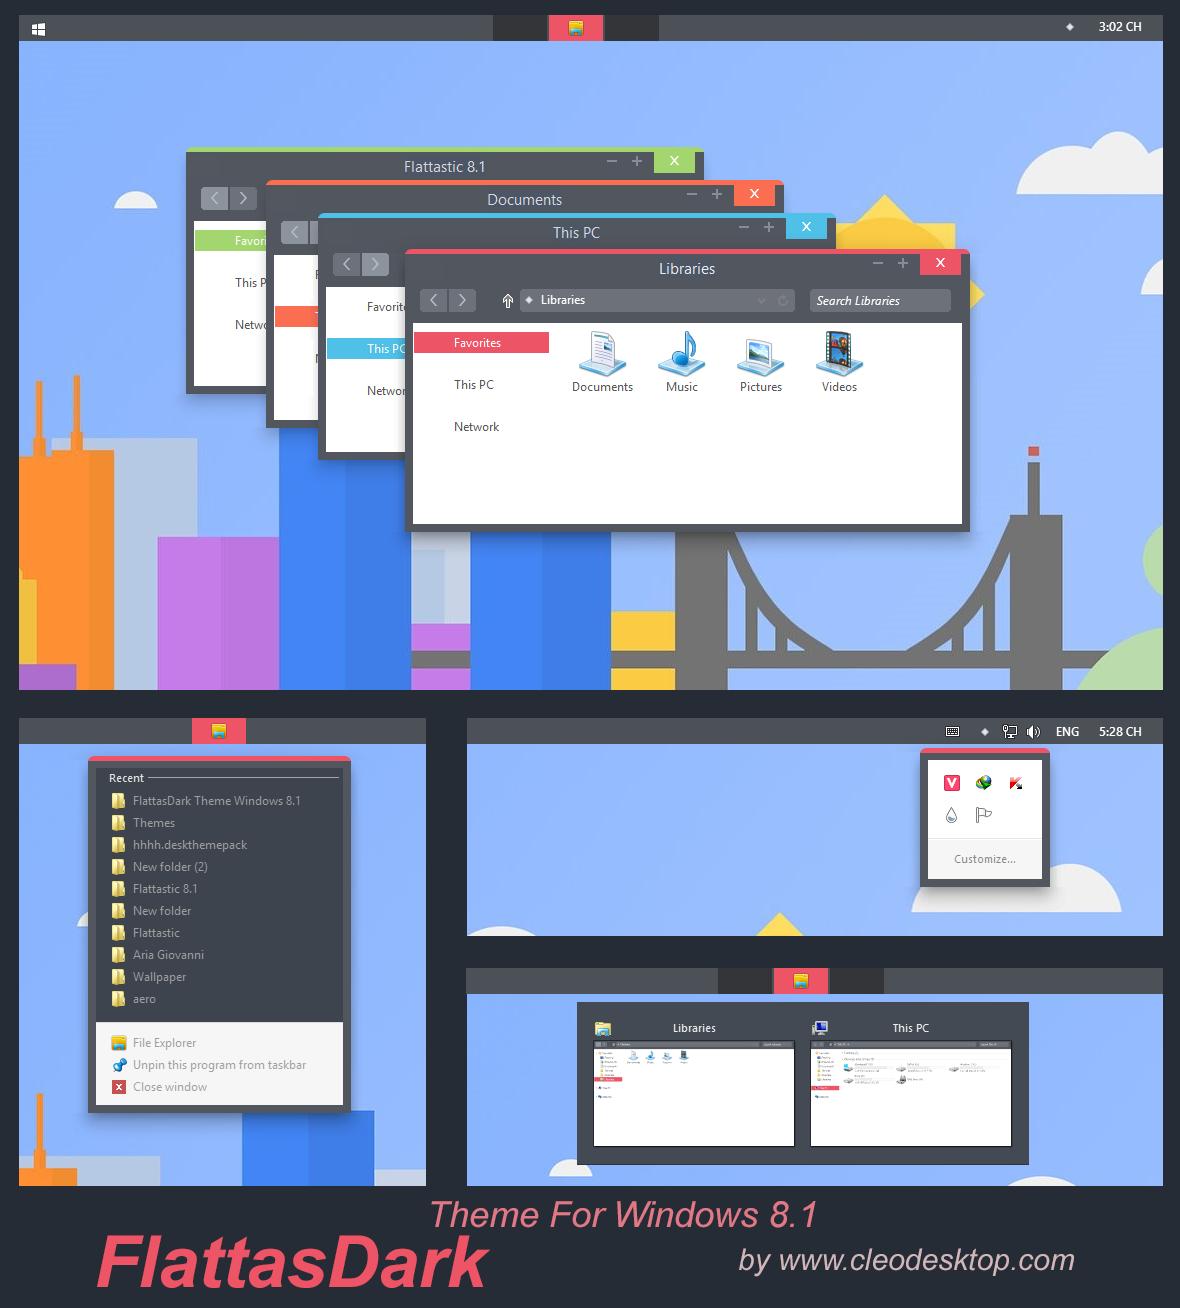 FlattasDark Theme Windows 8.1 by Cleodesktop